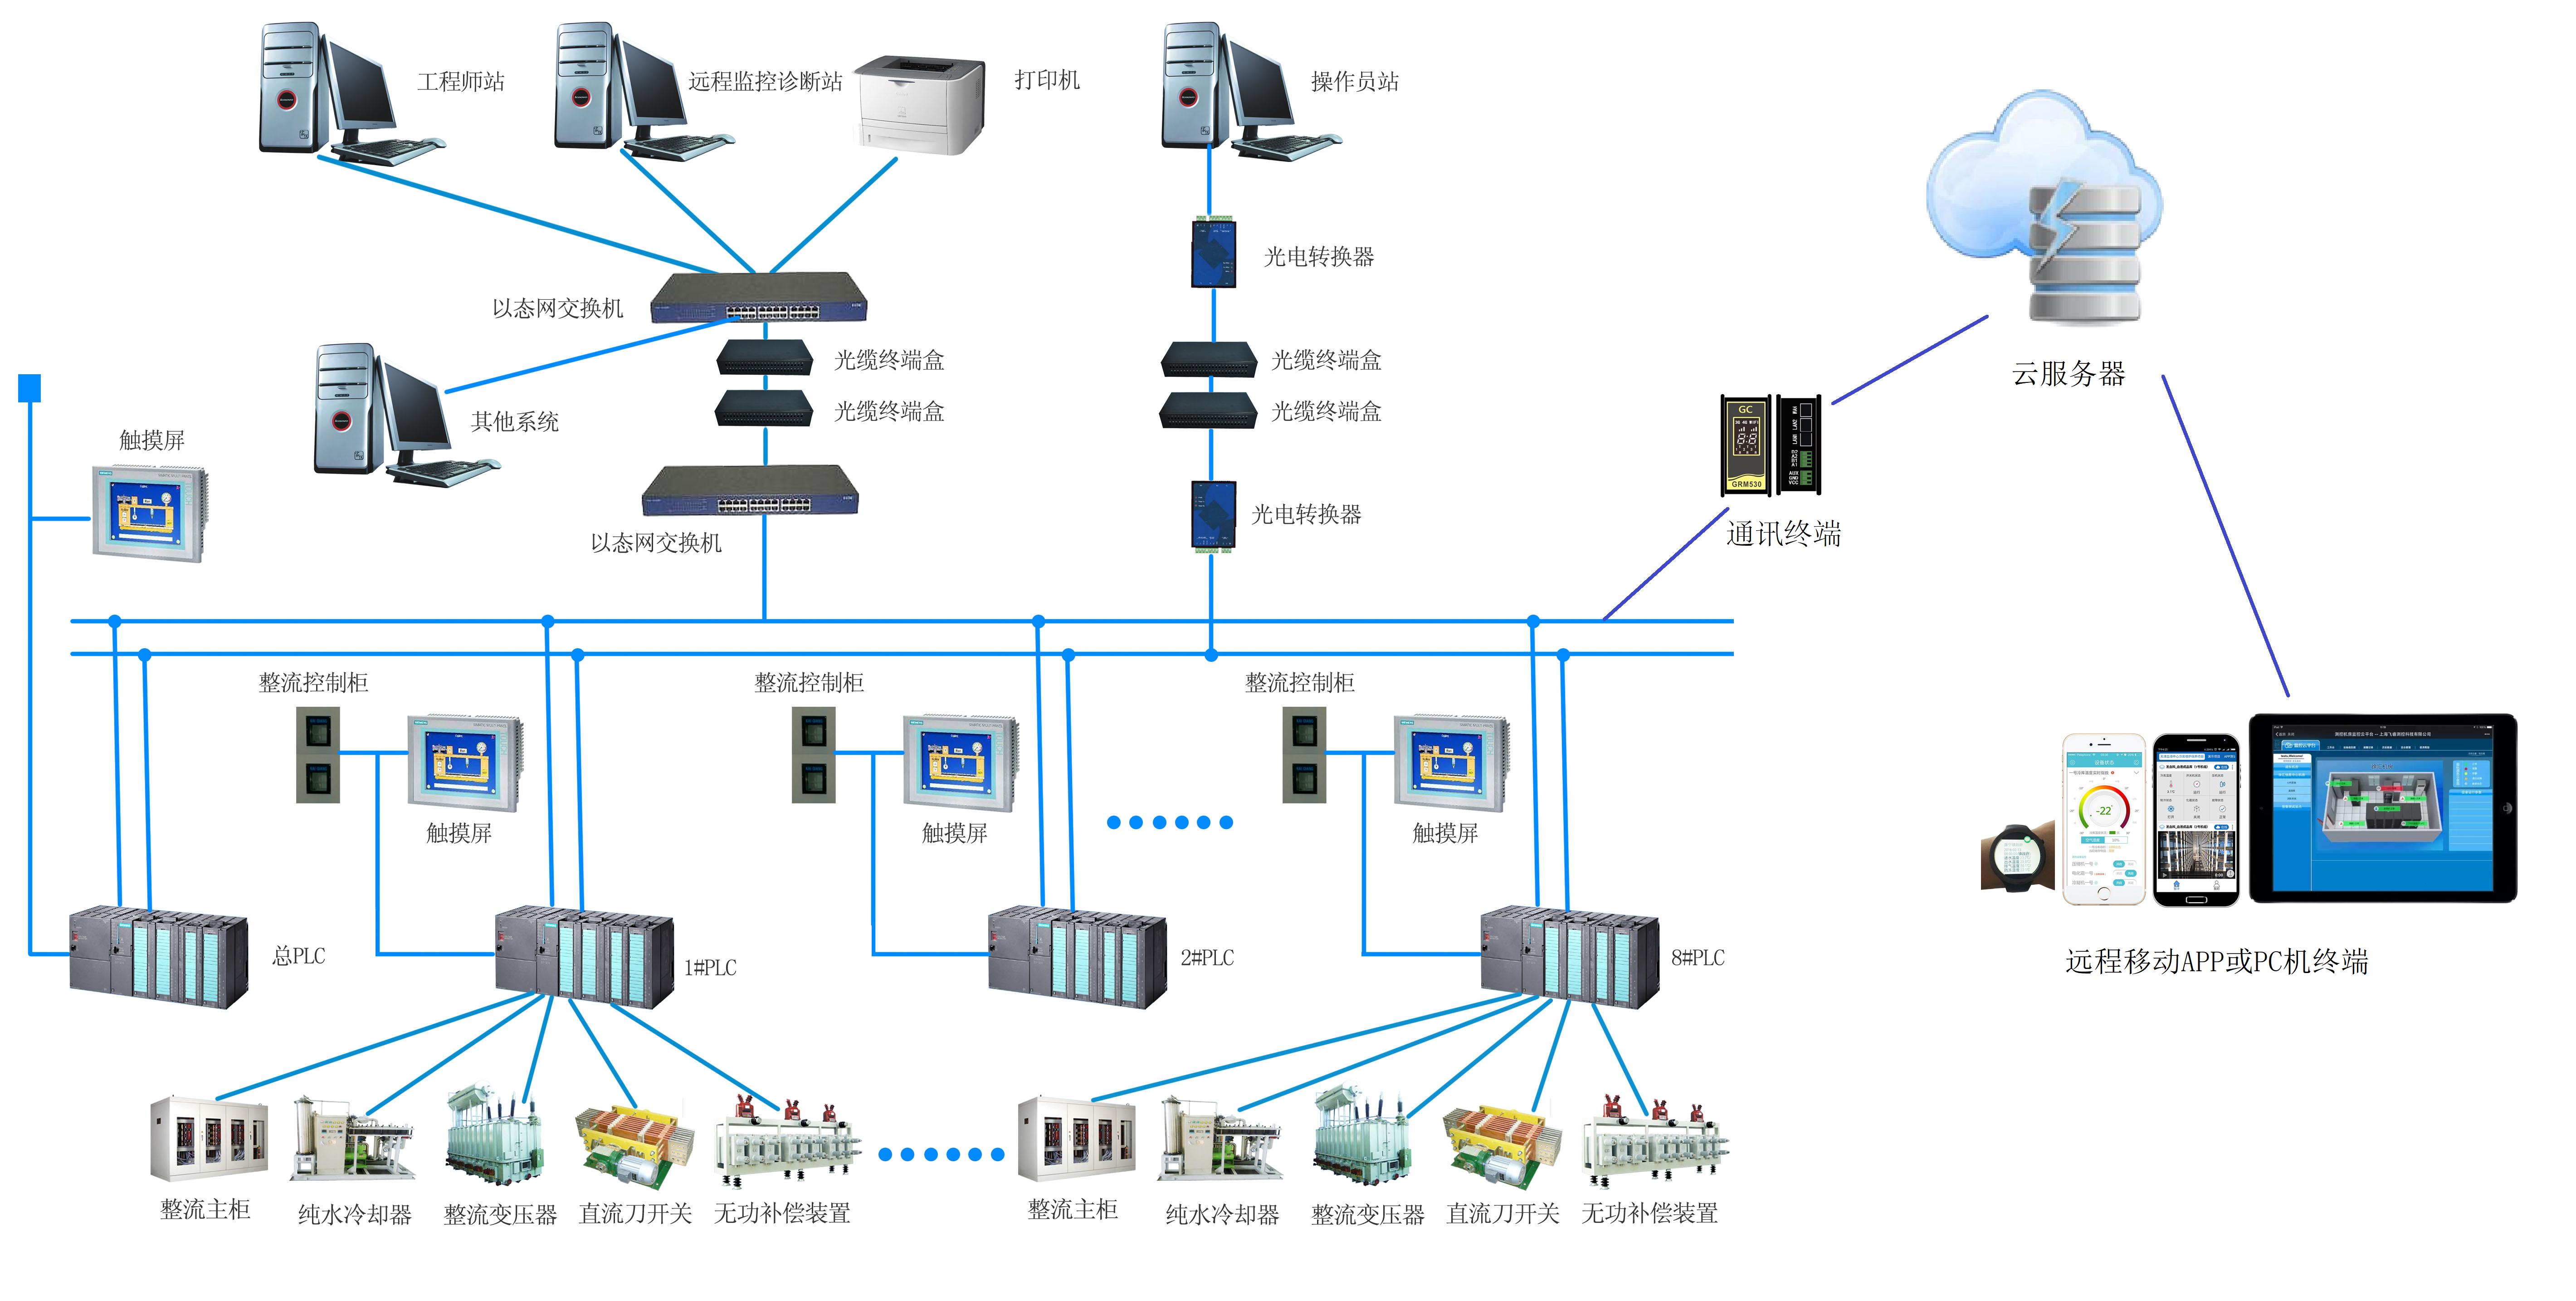 支持移动终端的自动化通信网络